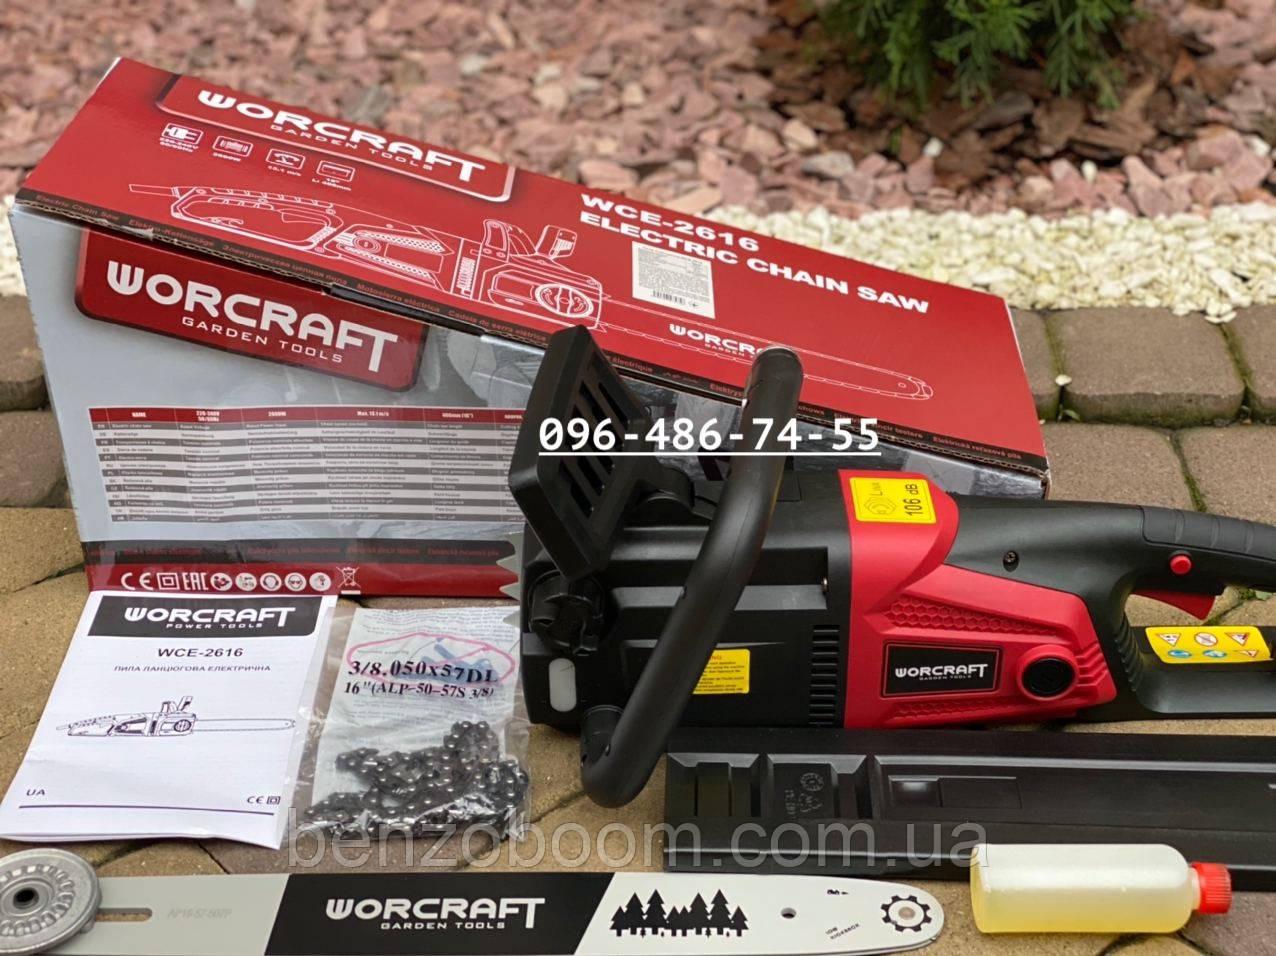 Электрическая пила WORCRAFT WCE-2616 электропила 2.6 кВт